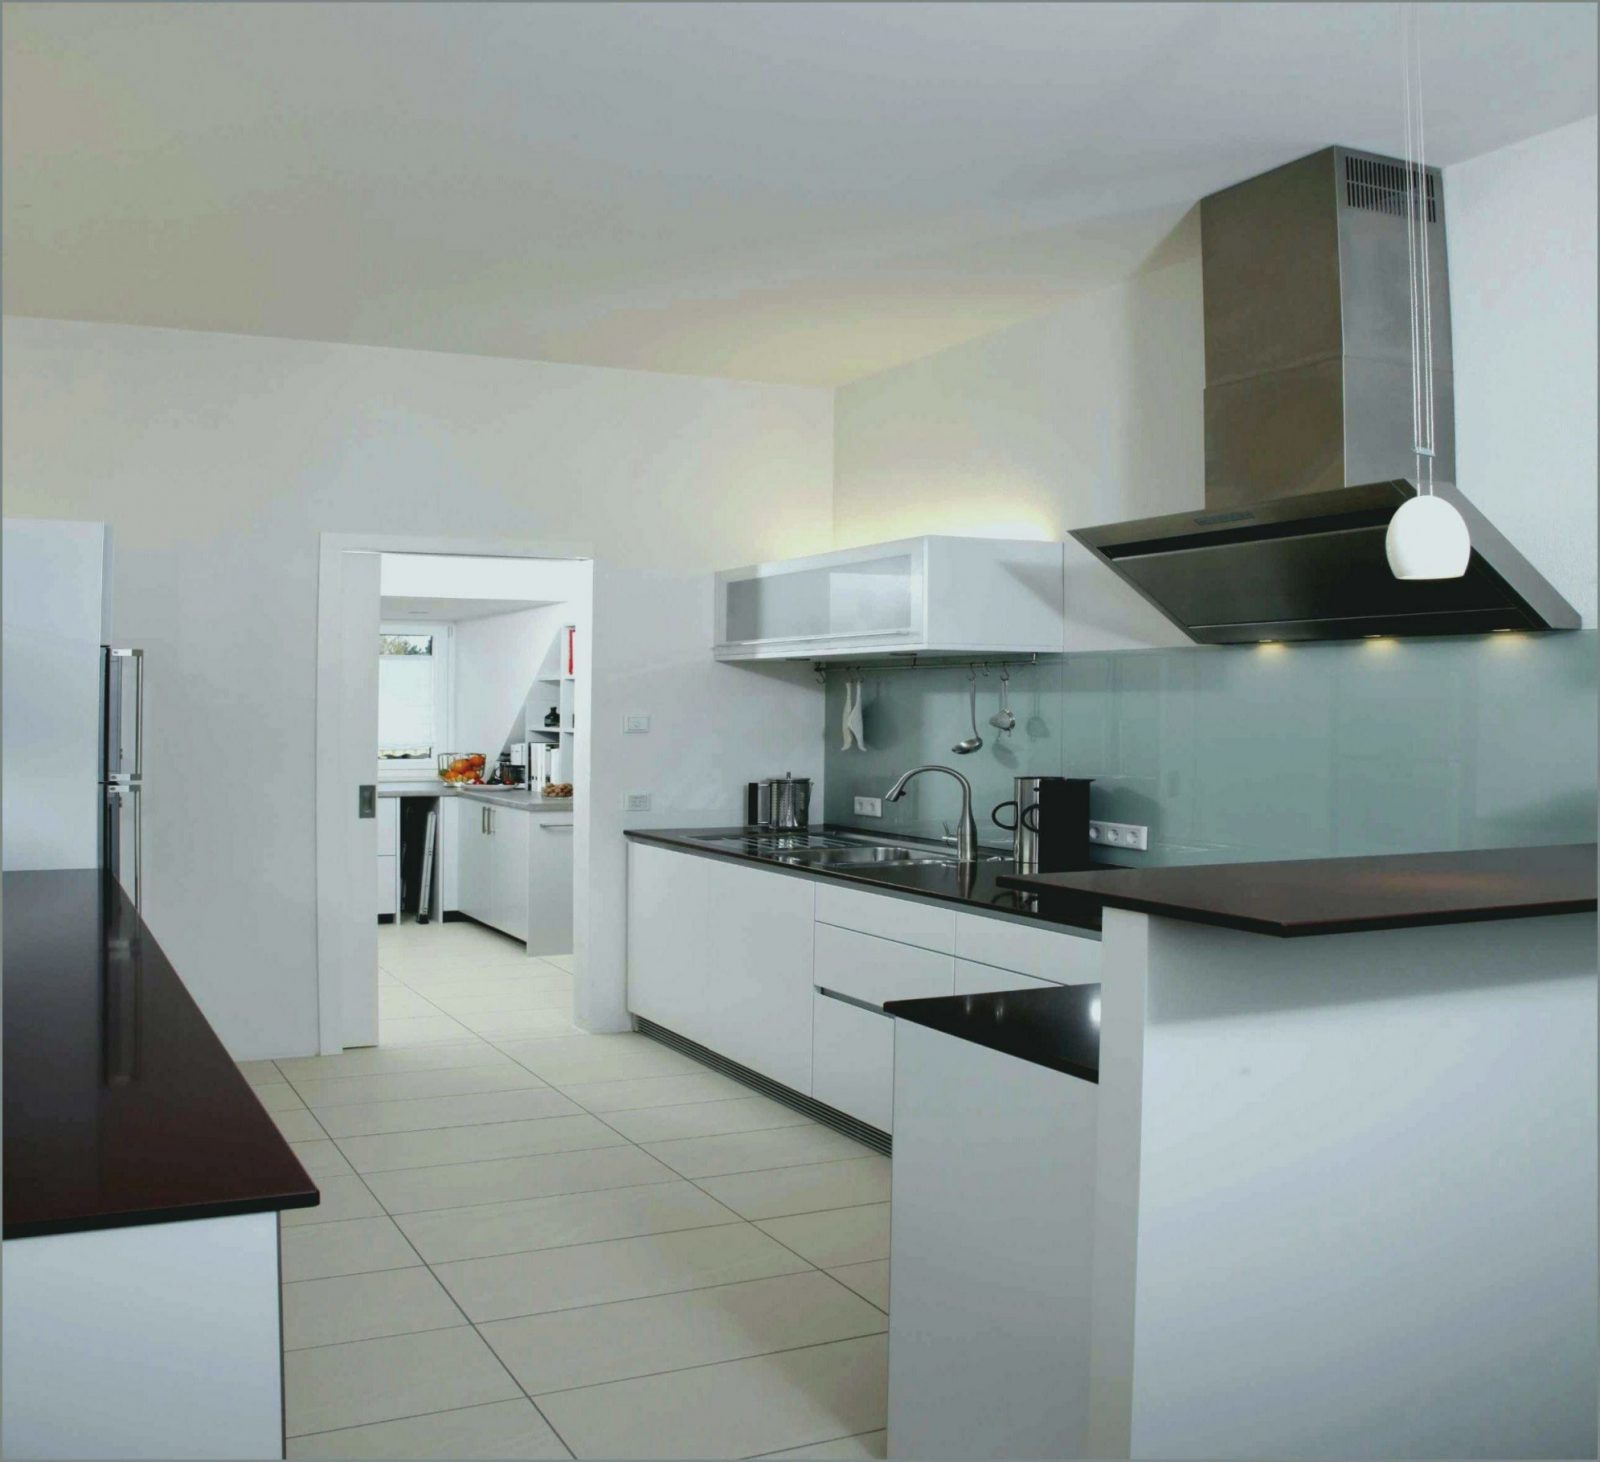 Abwaschbare Farbe Für Küchenrückwand  Graue Küche Welche Wandfarbe von Abwaschbare Farbe Für Küche Photo